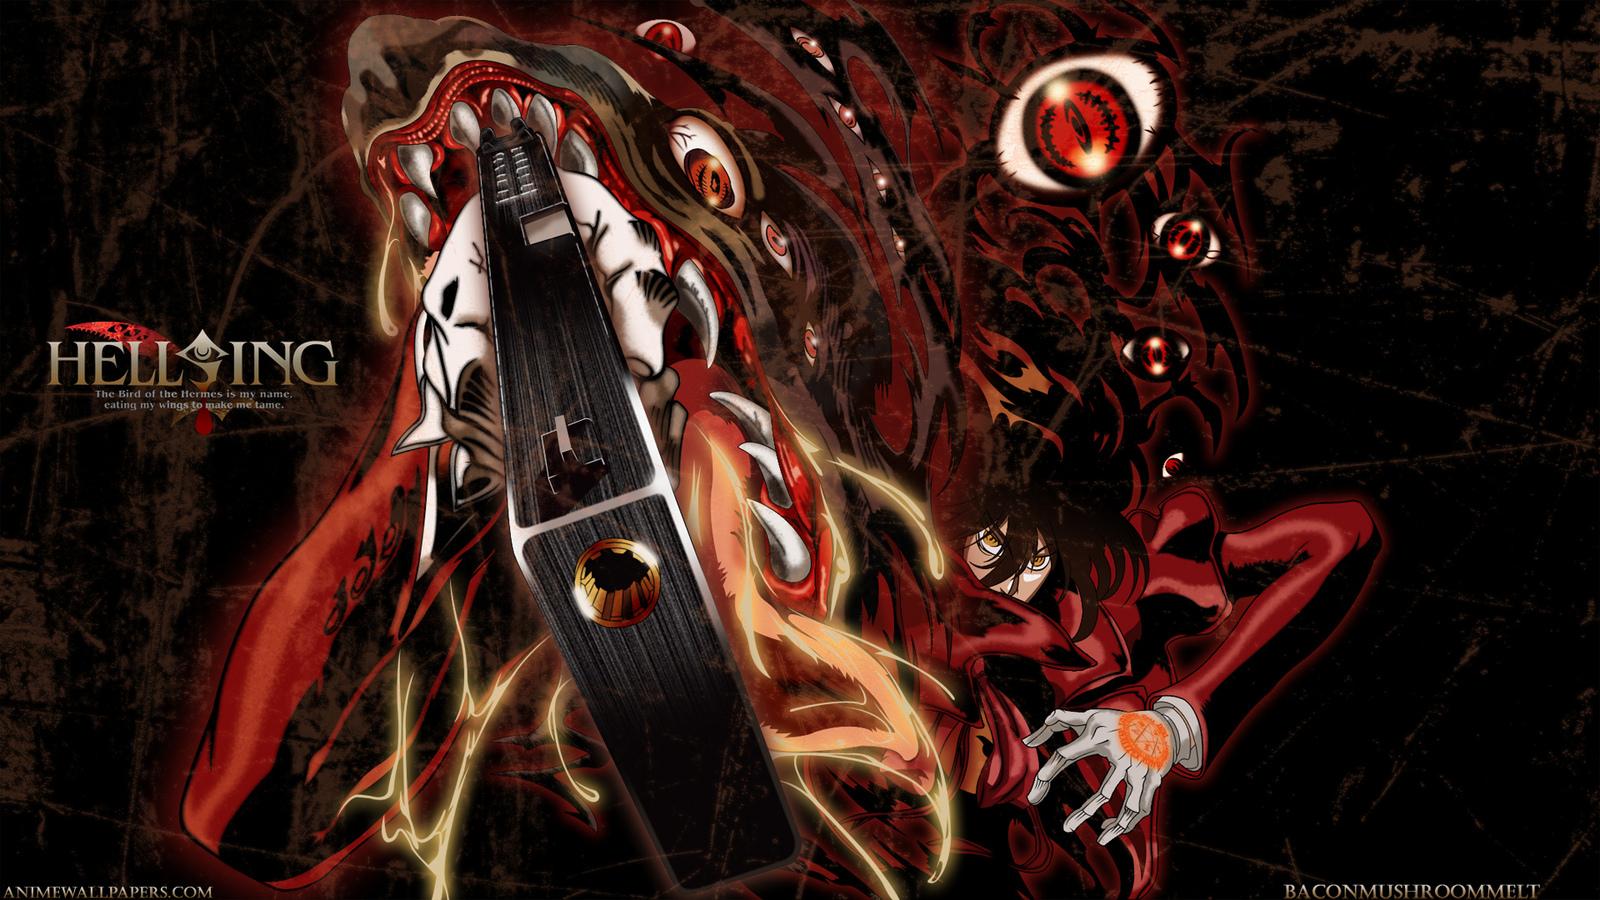 Hellsing Anime Wallpaper # 41